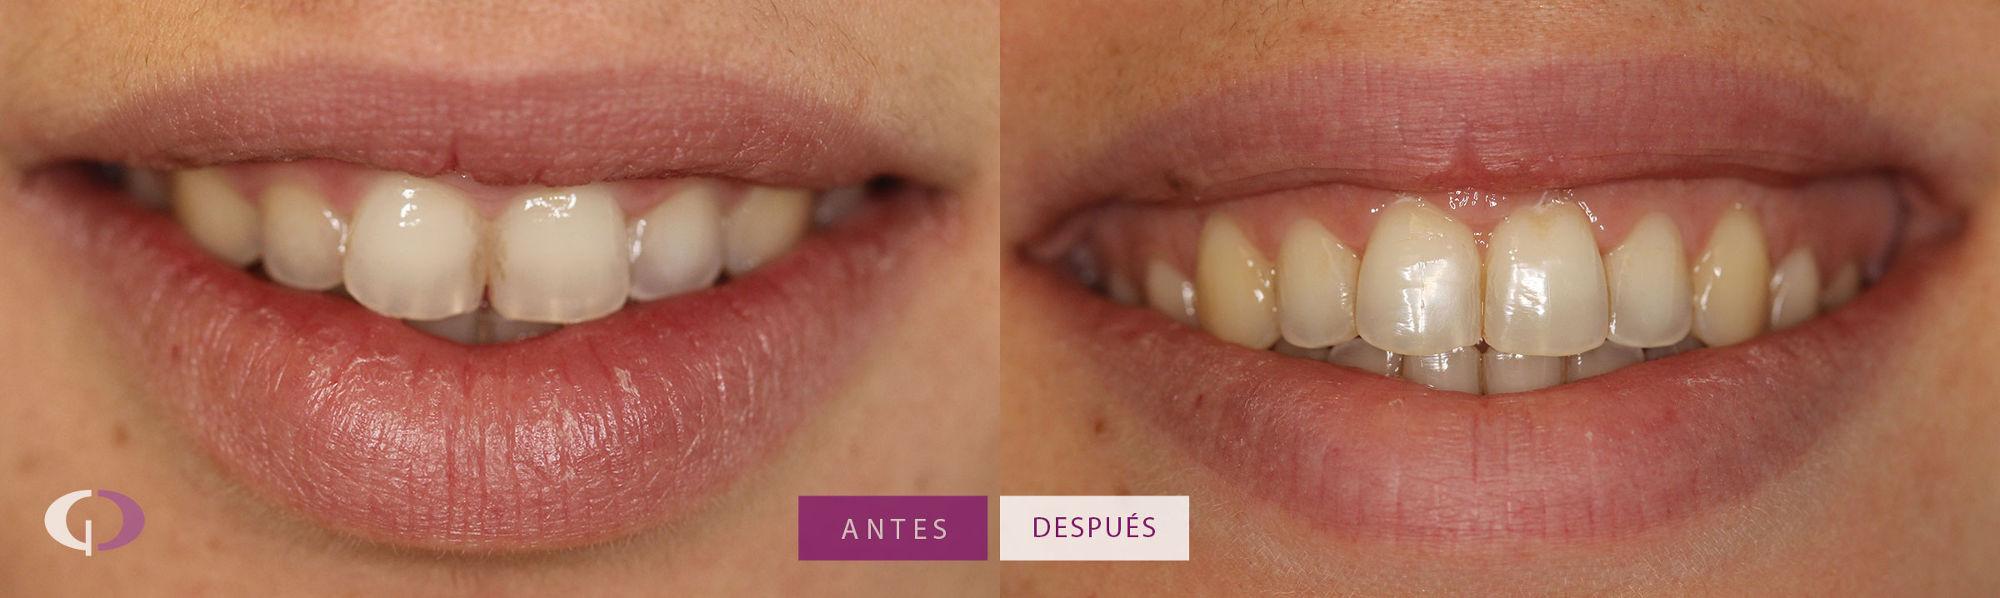 Alargamiento de corona - Clínica Odontología Especializada